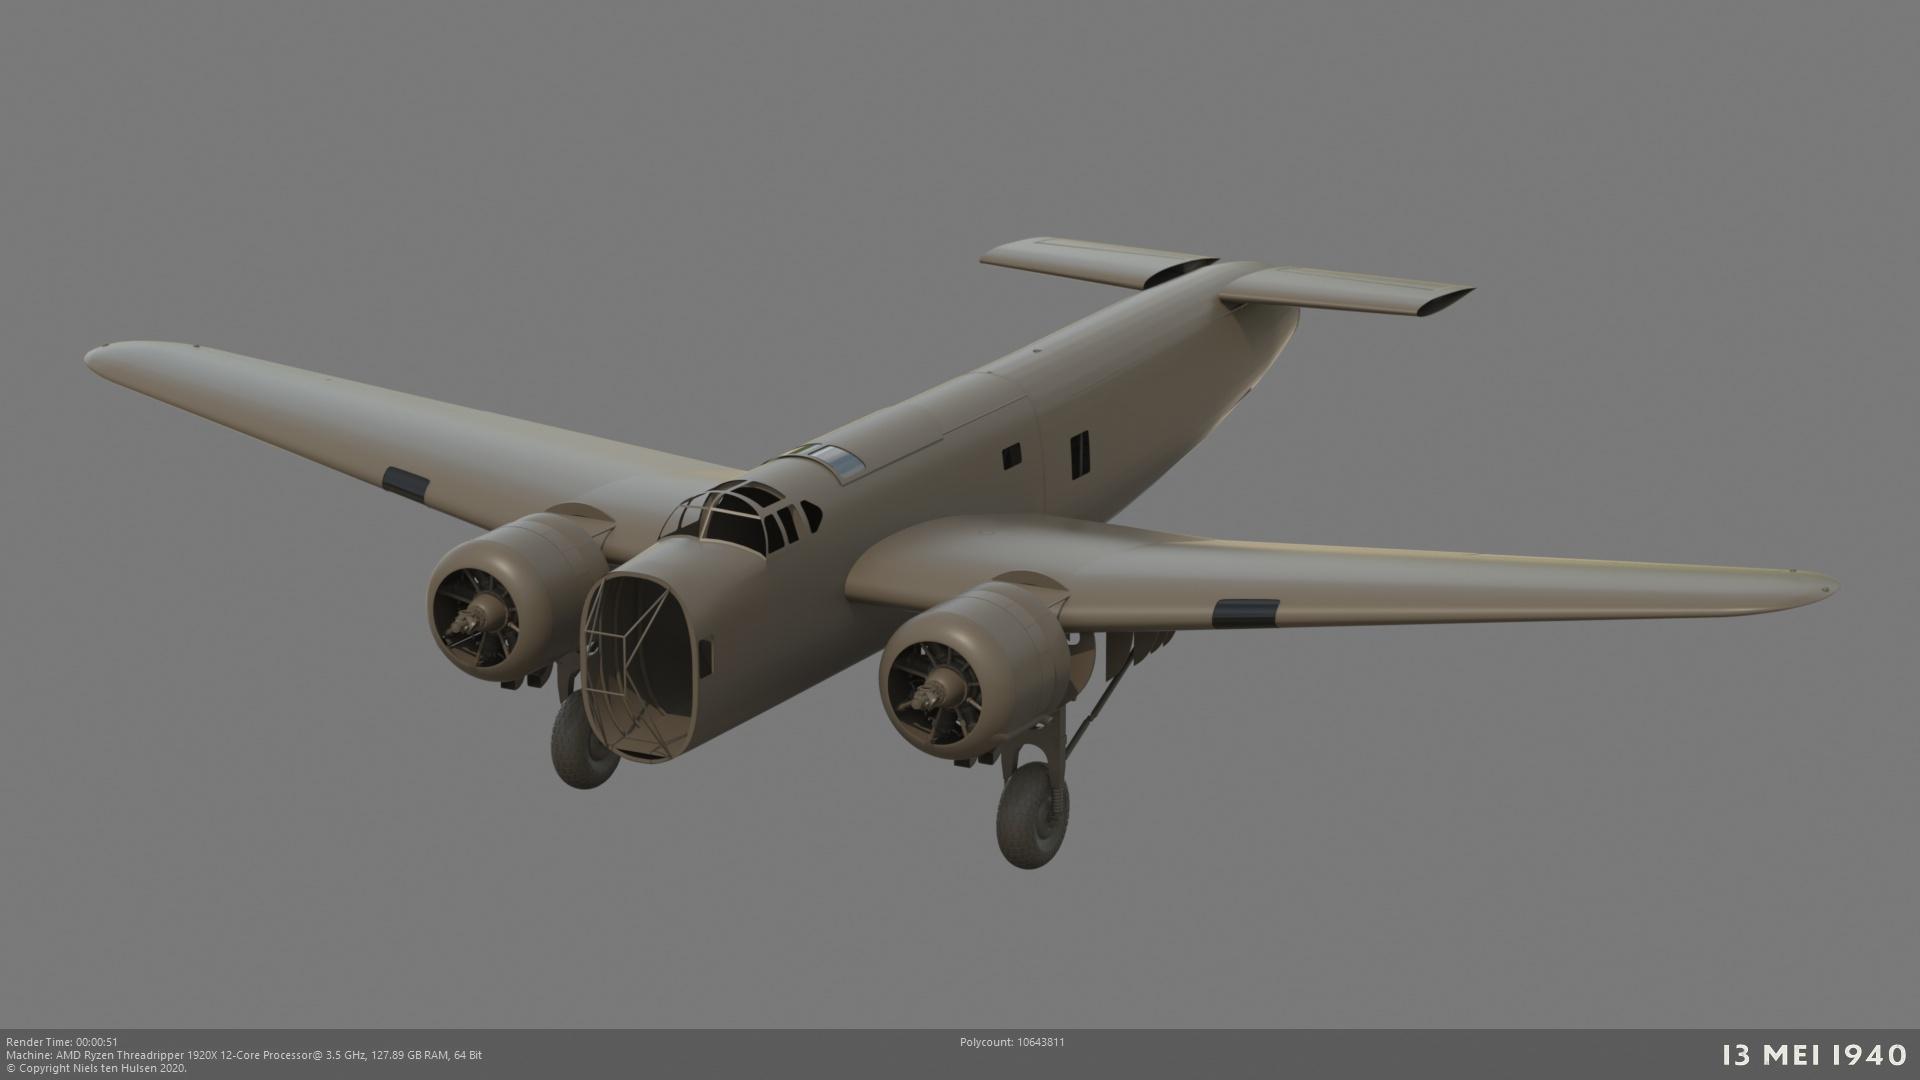 Naam: 001_FokkerT5_motor14.jpg Bekeken: 139 Grootte: 180,9 KB